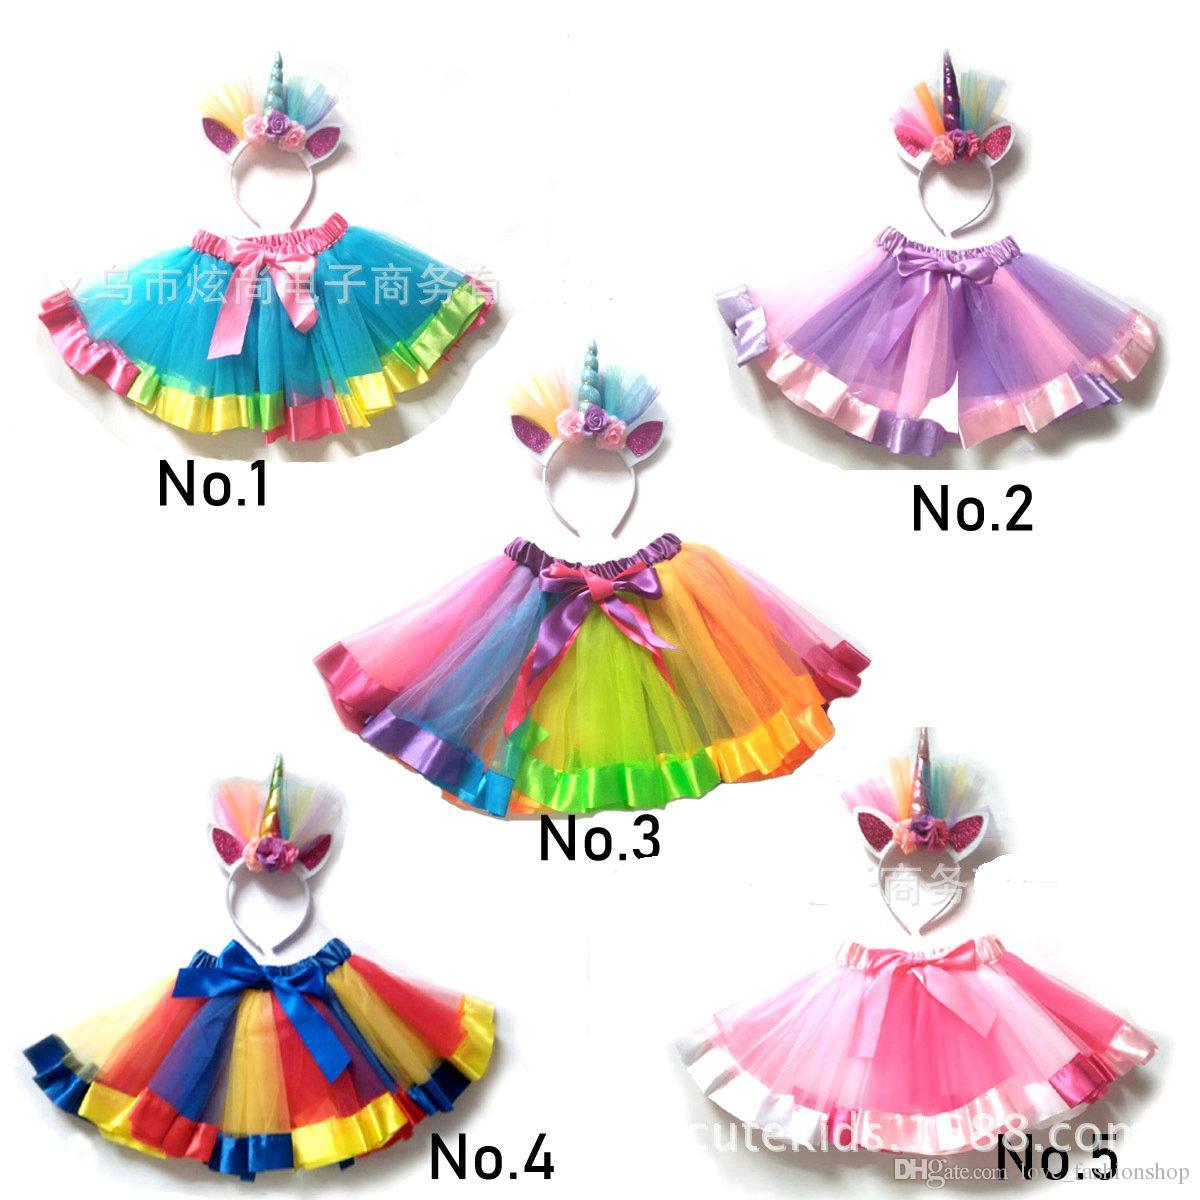 Venta al por menor Baby Girls Rainbow Tulle Falda Tutu Faldas Unicornio Histemas de la diadema de Unicornio Halloween Navidad Cosplay Party Partido Plisado Ropa para niños